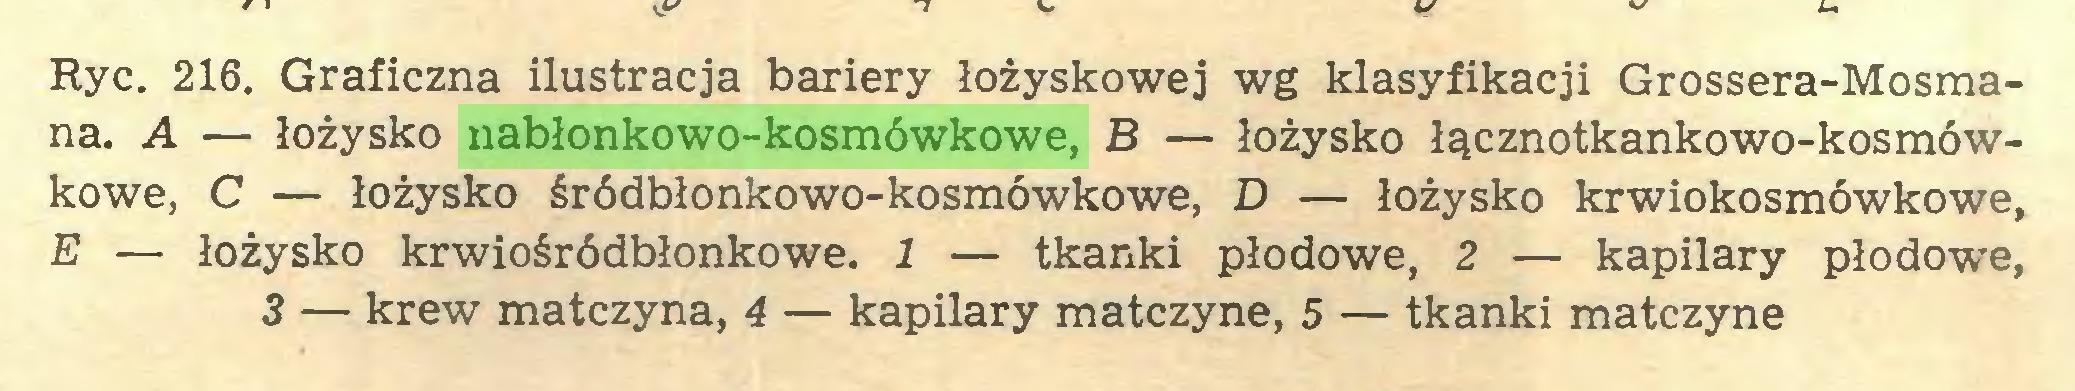 (...) Ryc. 216. Graficzna ilustracja bariery łożyskowej wg klasyfikacji Grossera-Mosmana. A — łożysko nabłonkowo-kosmówkowe, B — łożysko łącznotkankowo-kosmówkowe, C — łożysko śródbłonkowo-kosmówkowe, D — łożysko krwiokosmówkowe, E — łożysko krwiośródbłonkowe. 1 — tkanki płodowe, 2 — kapilary płodowe, 3 — krew matczyna, 4 — kapilary matczyne, 5 — tkanki matczyne...